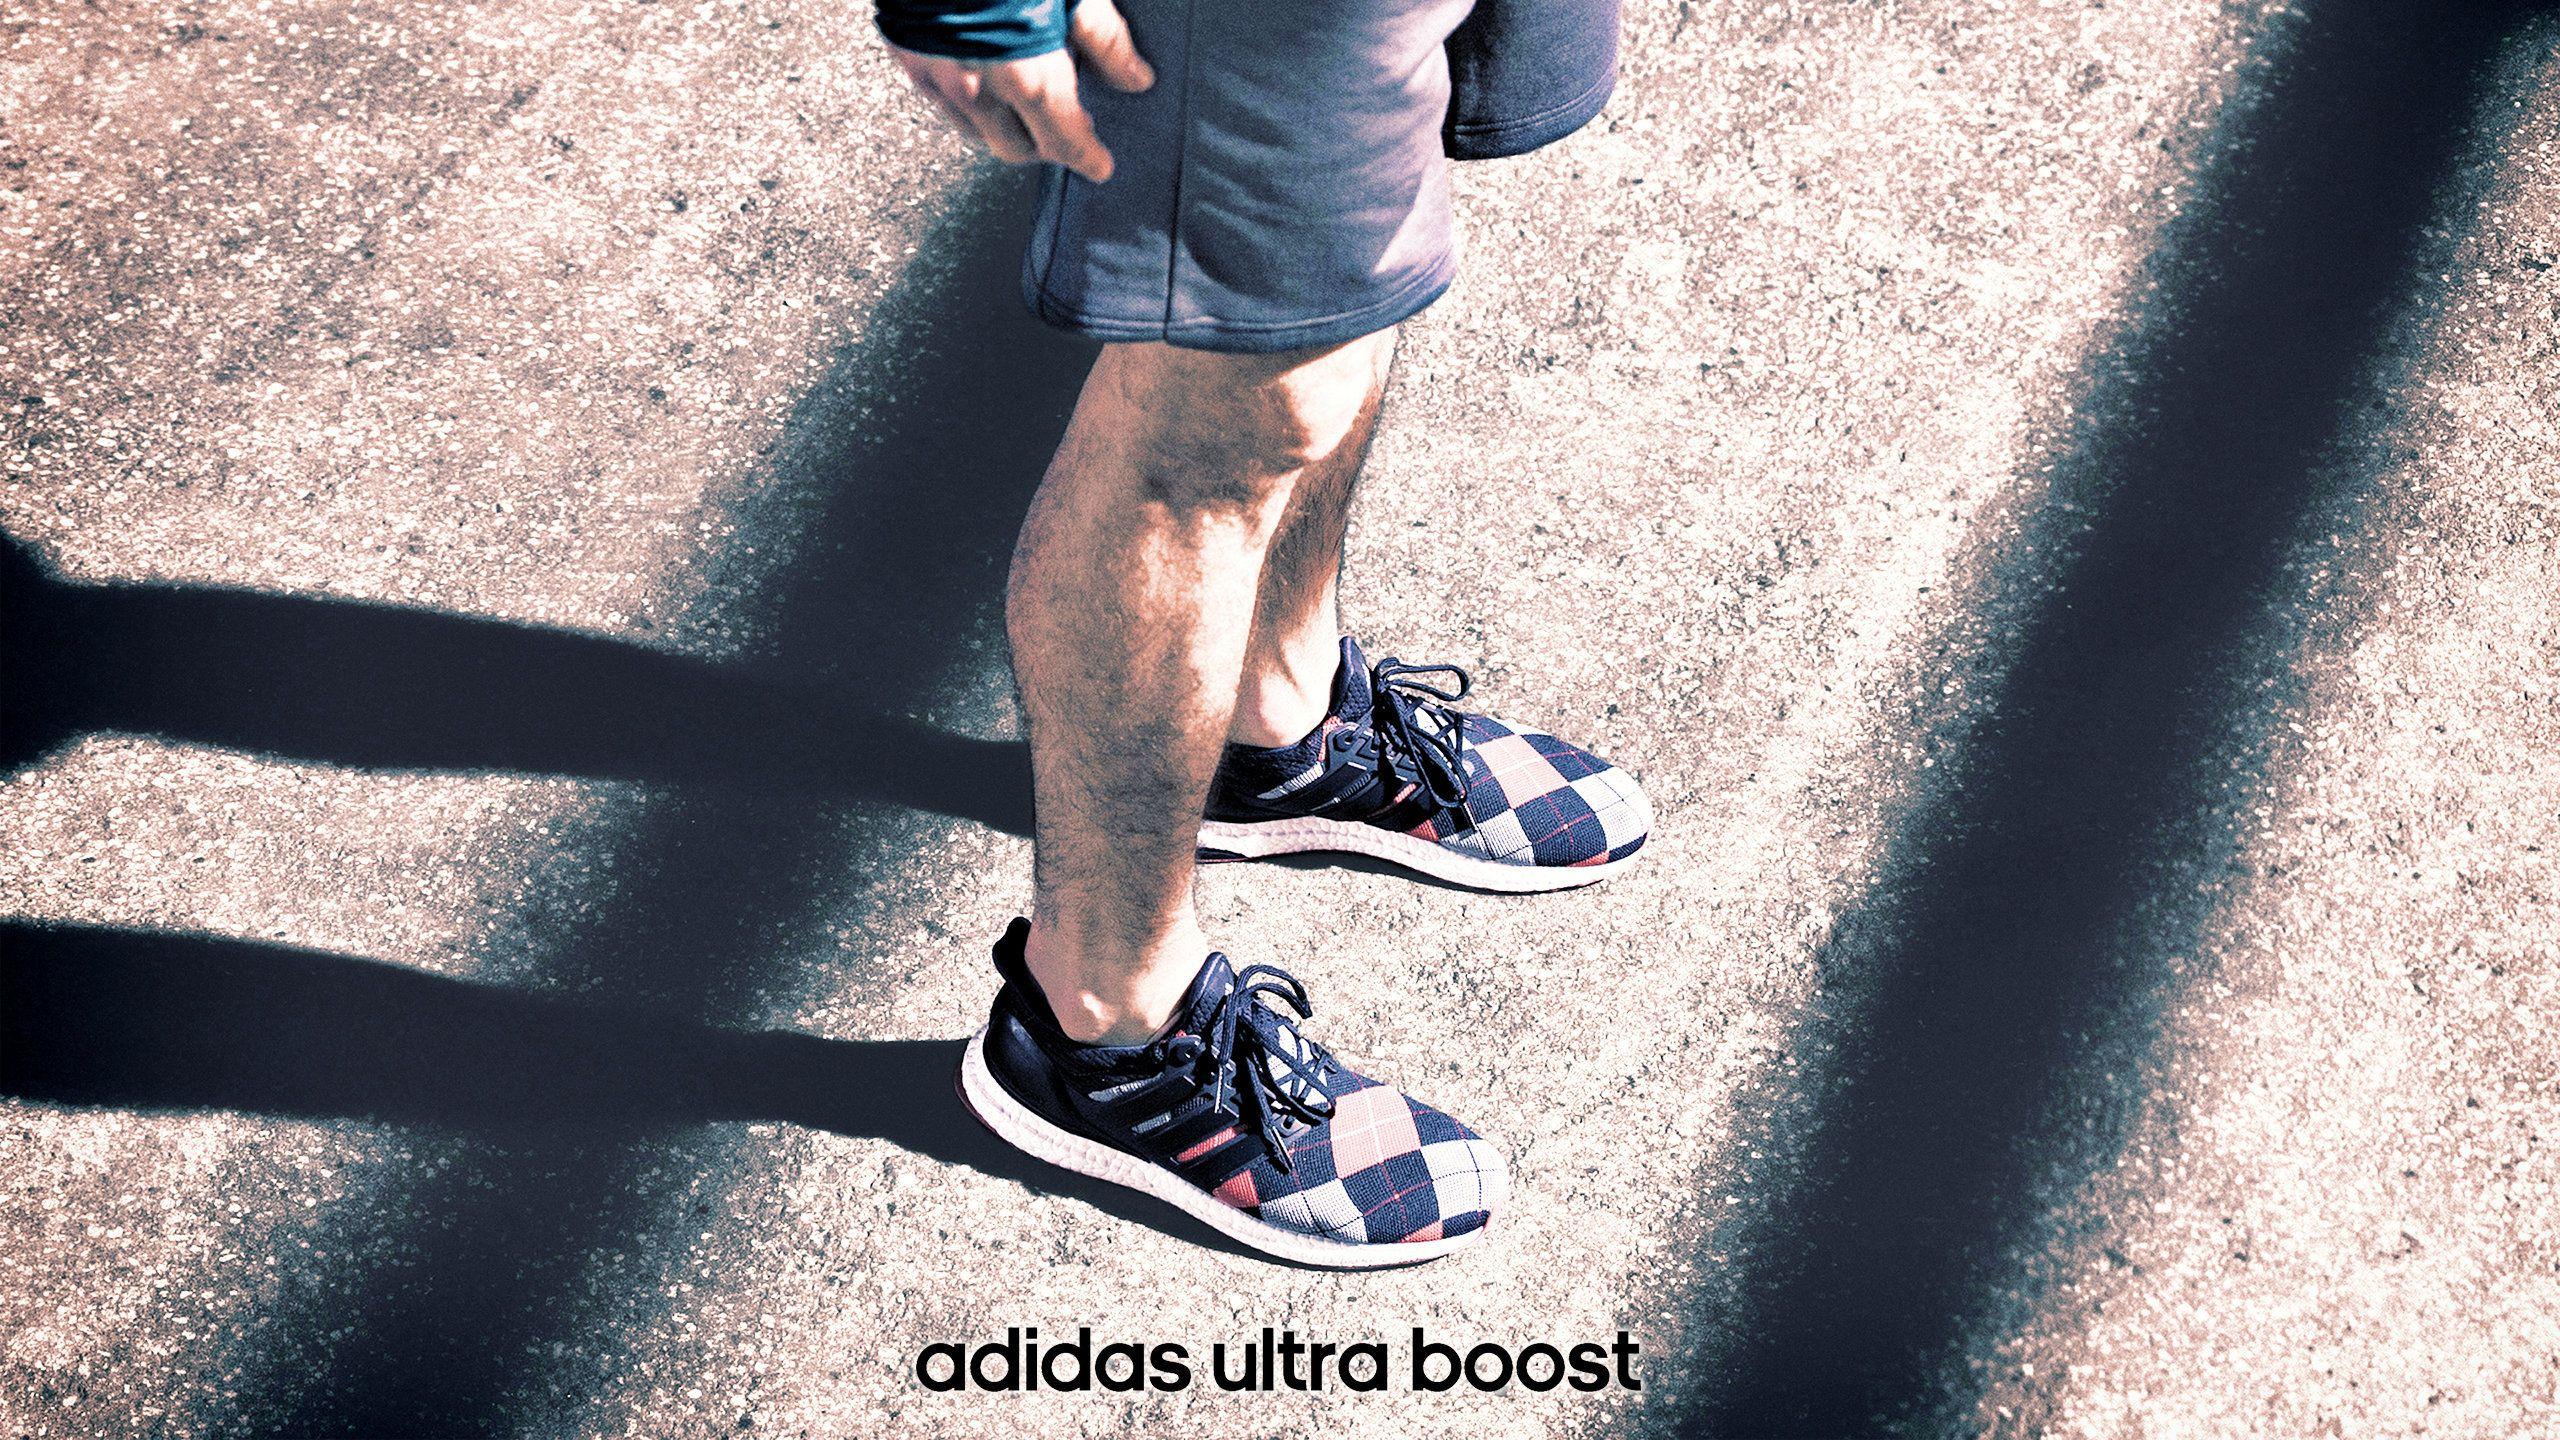 0851520a1 Adidas Ultra Boost Wallpaper - CopEmLegit